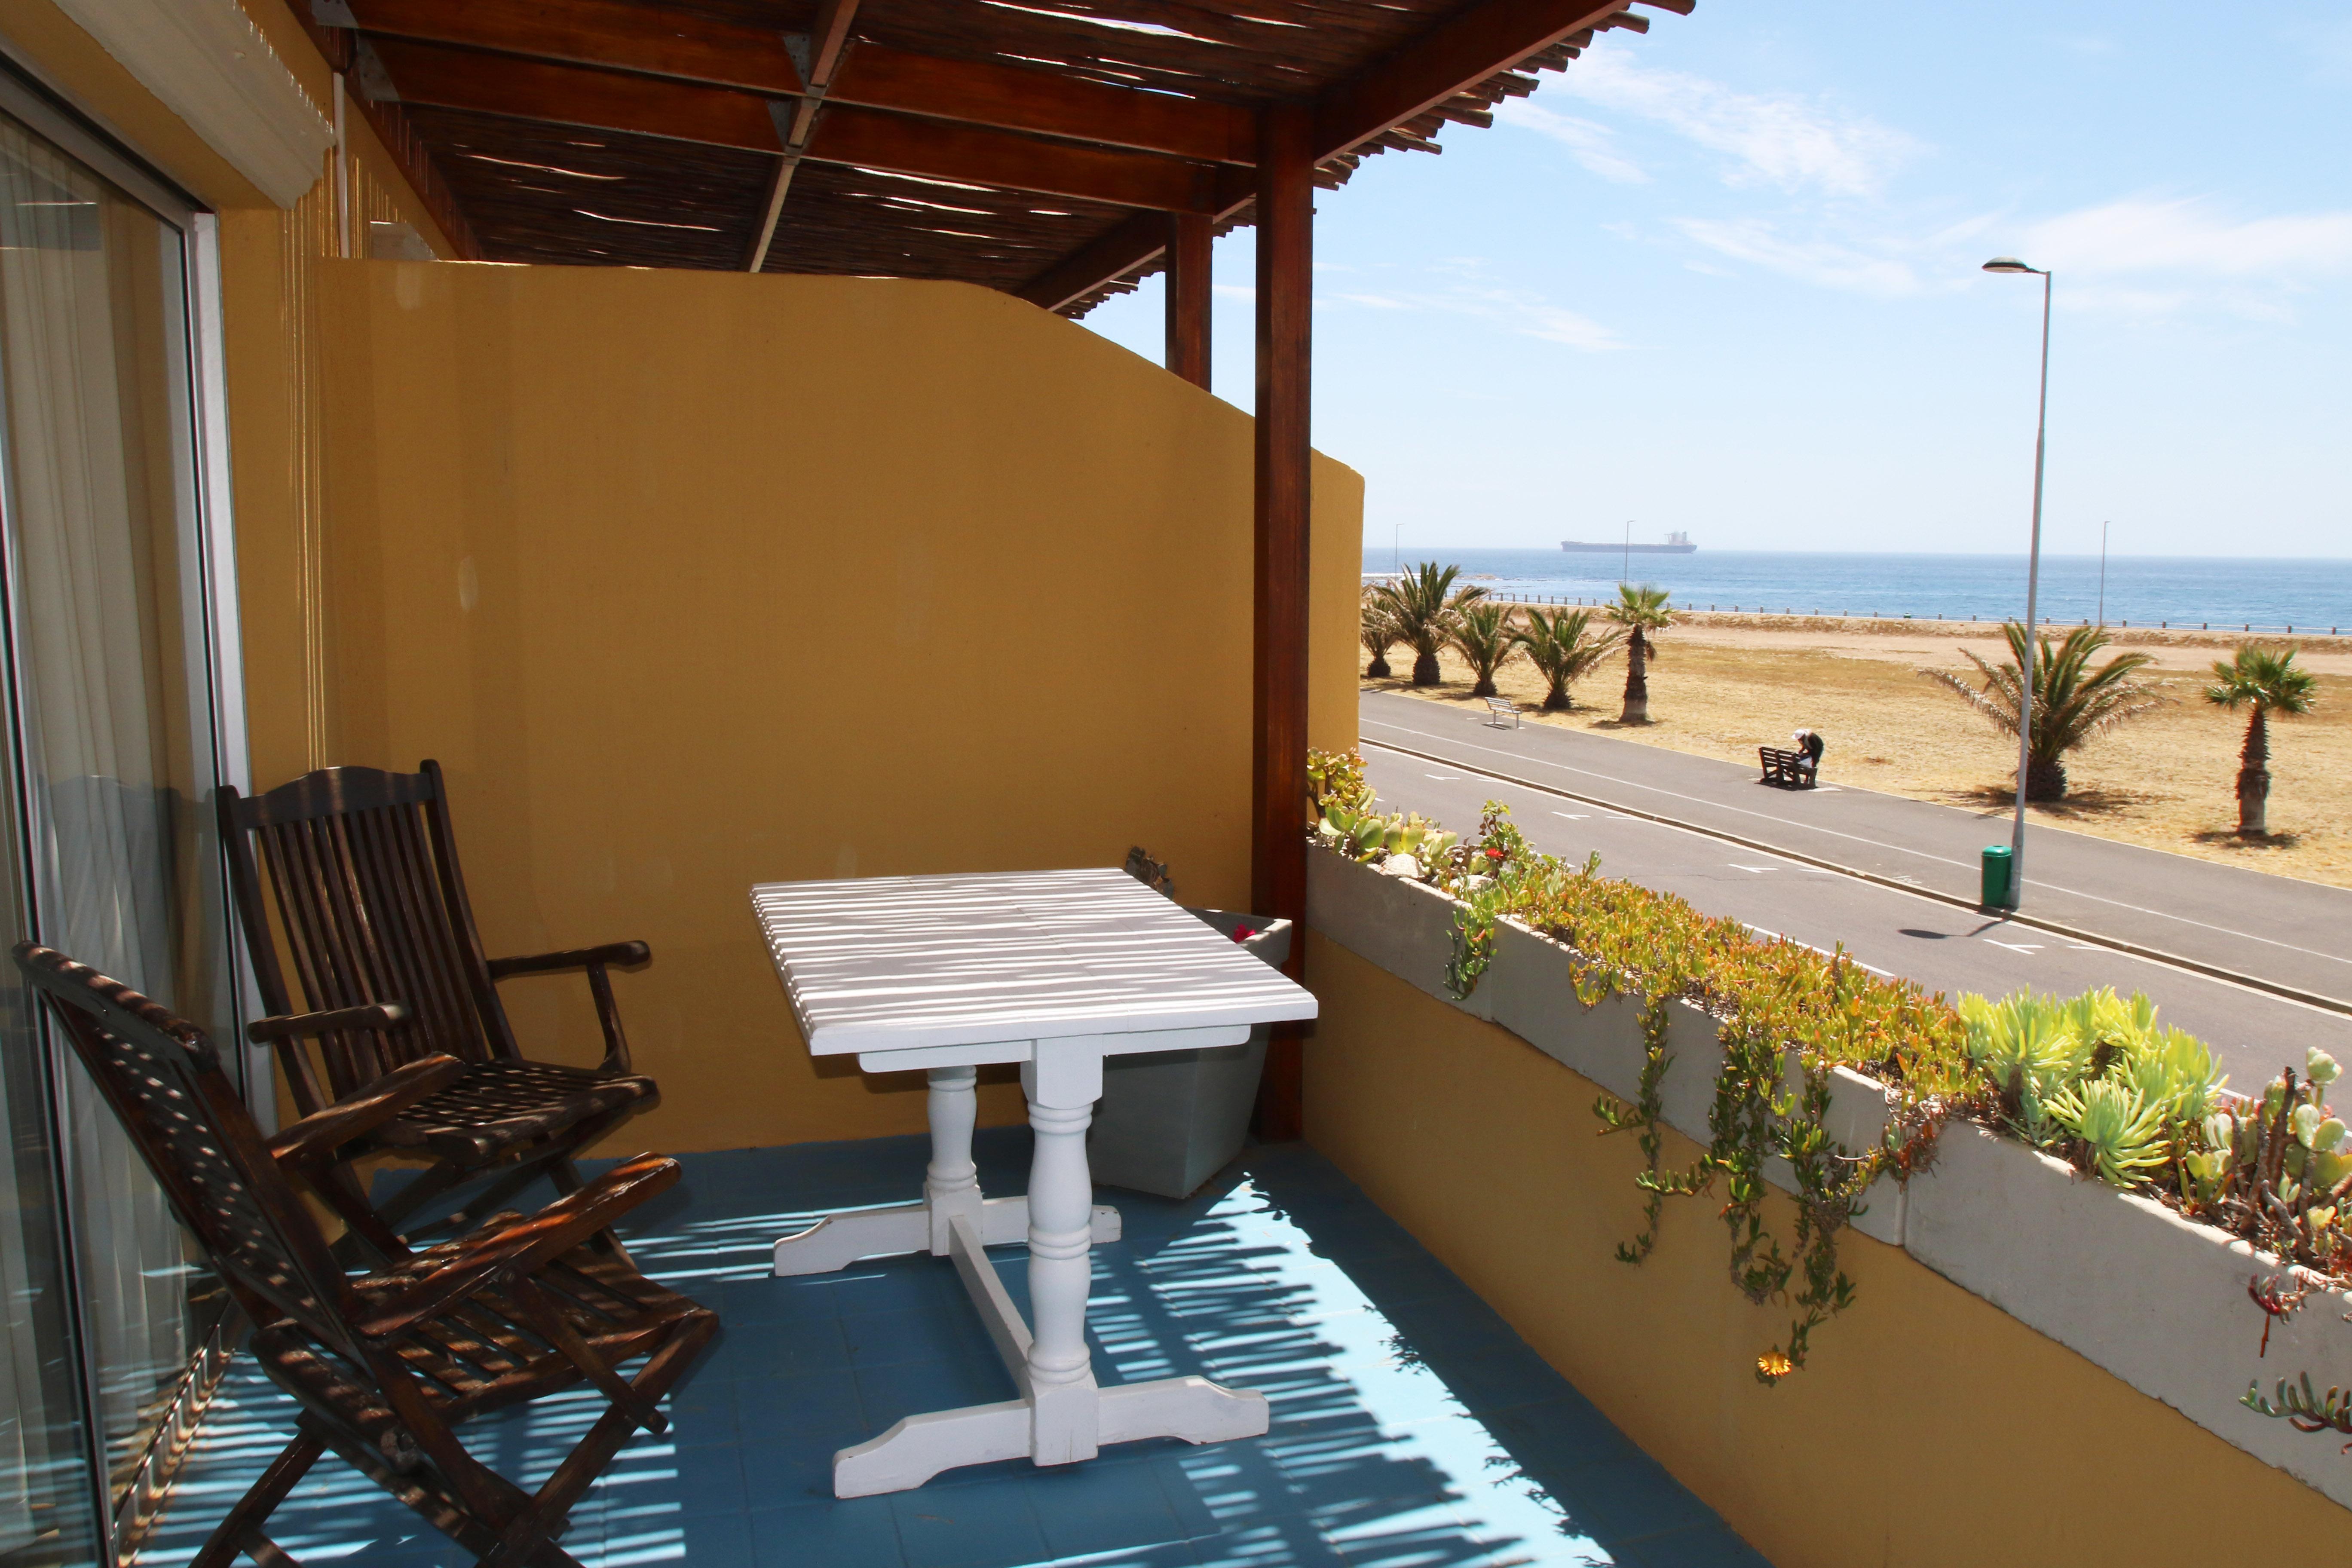 Room 9 Balcony